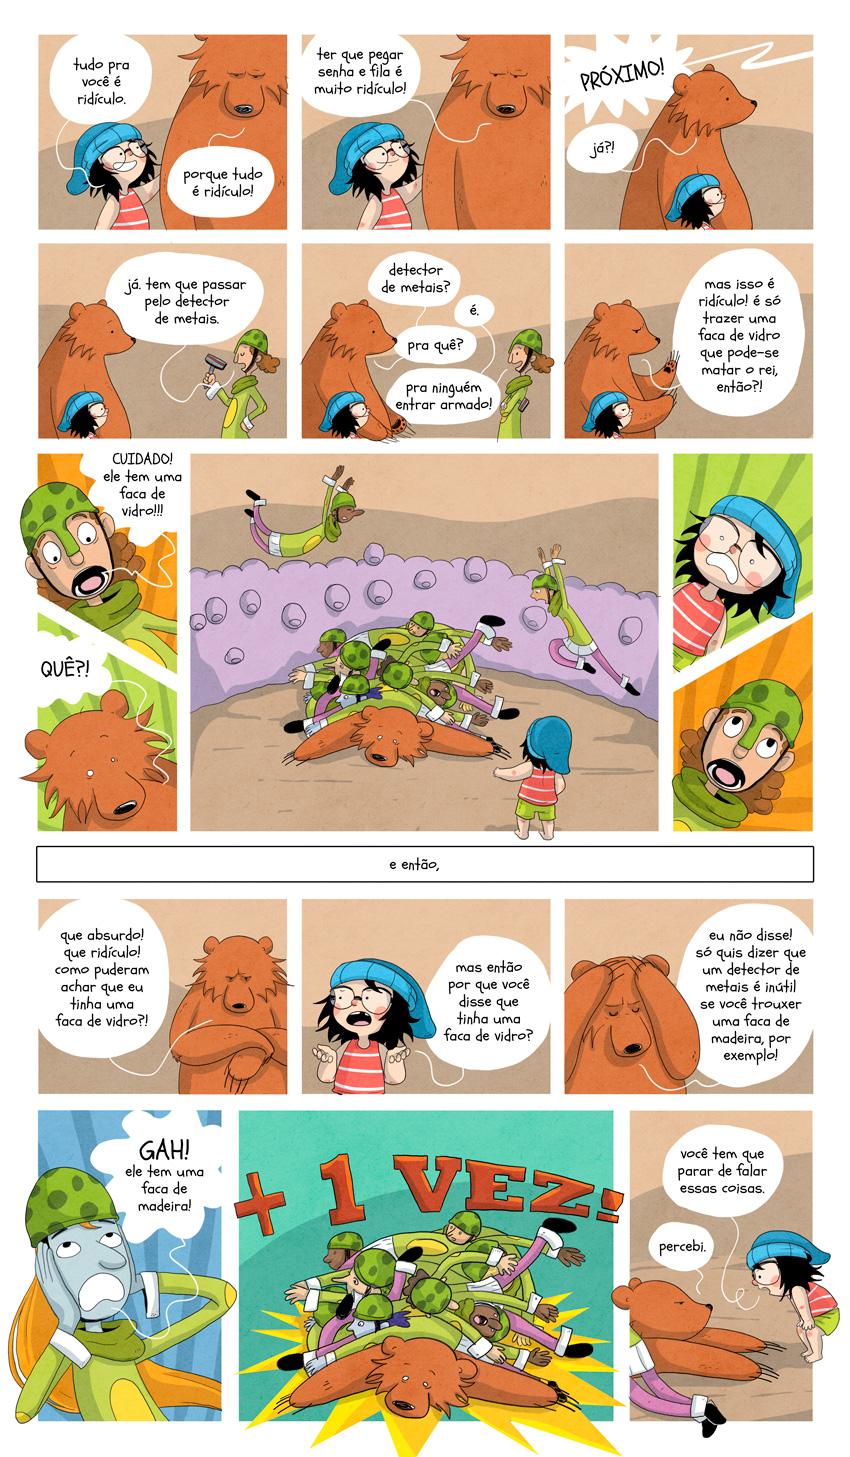 Bear, Bianca Pinheiro - Bear está entre as melhores webcomics nacionais atualmente. Todas as razões você descobre na entrevista que ela deu aqui pro site (link para https://revistatrip.uol.com.br/notas/bianca-pinheiro.html)